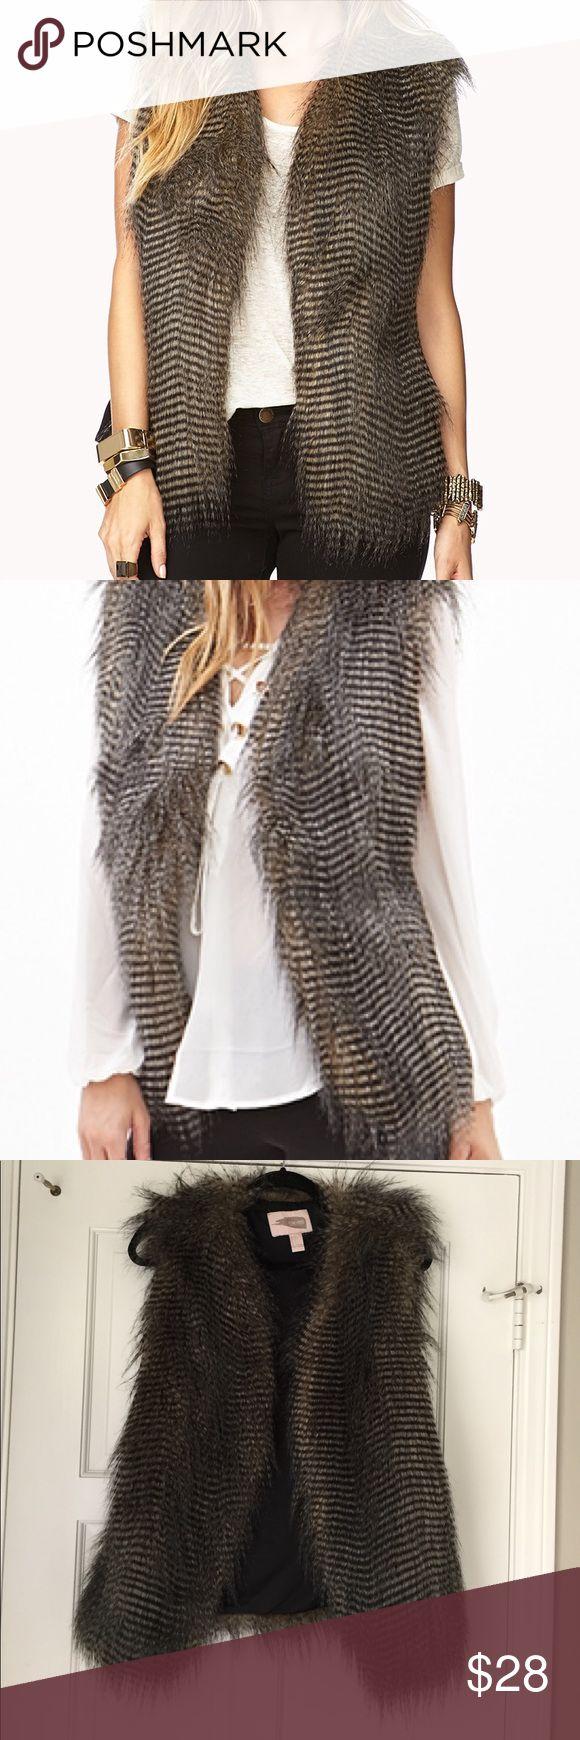 Faux fur vest in  brown Faux fur vest in brown. Knit side panel Forever 21 Jackets & Coats Vests